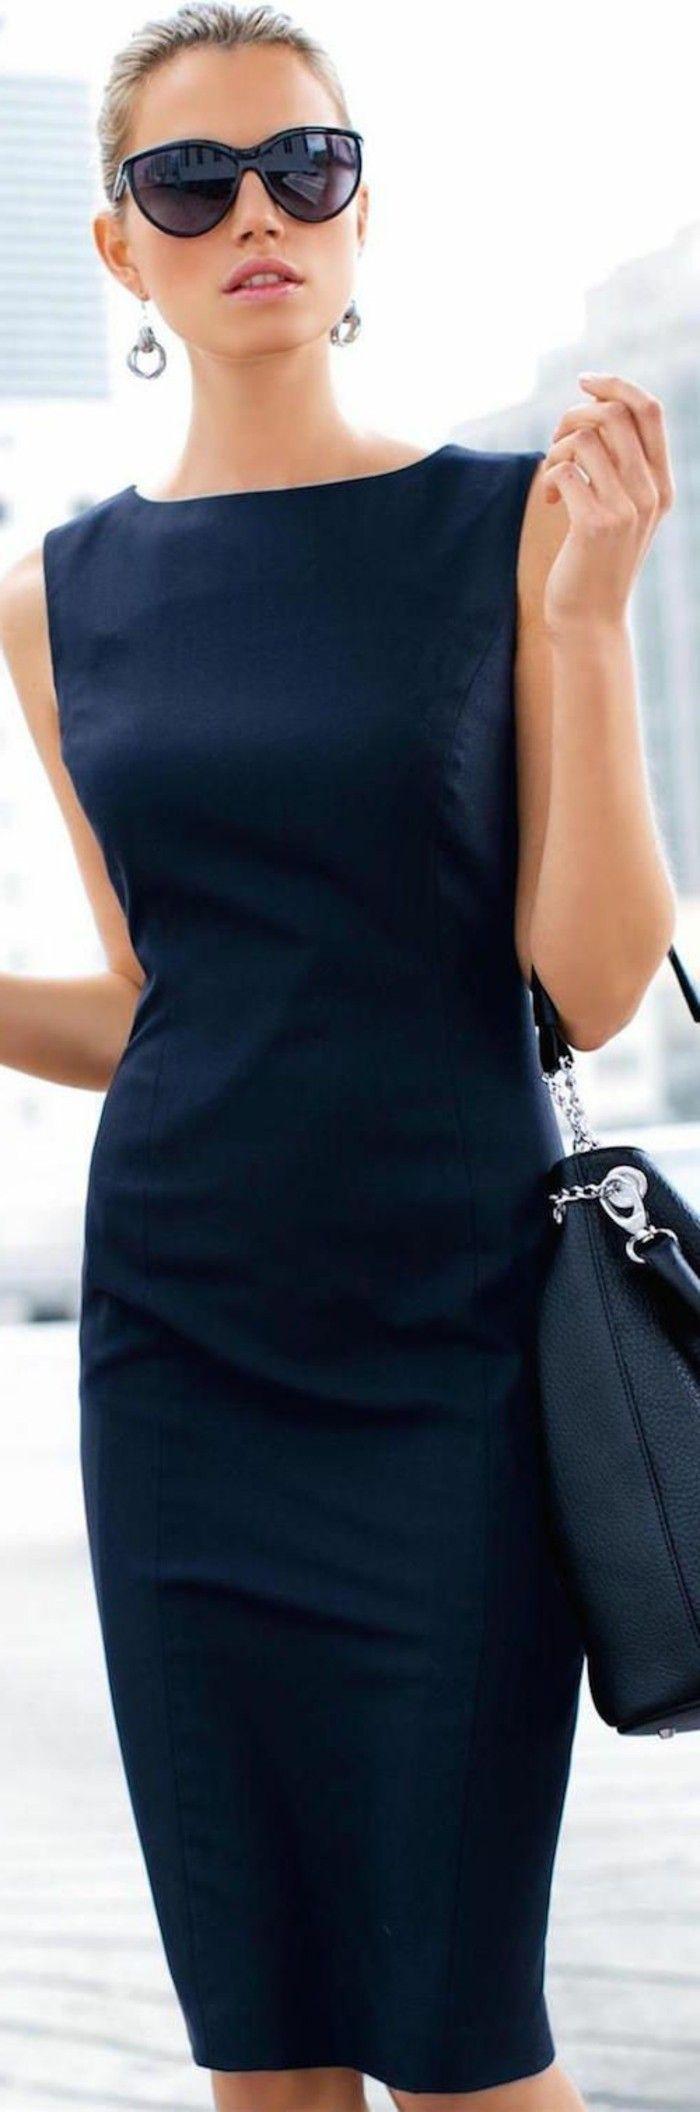 Die richtigen Business Kleider machen Karriere